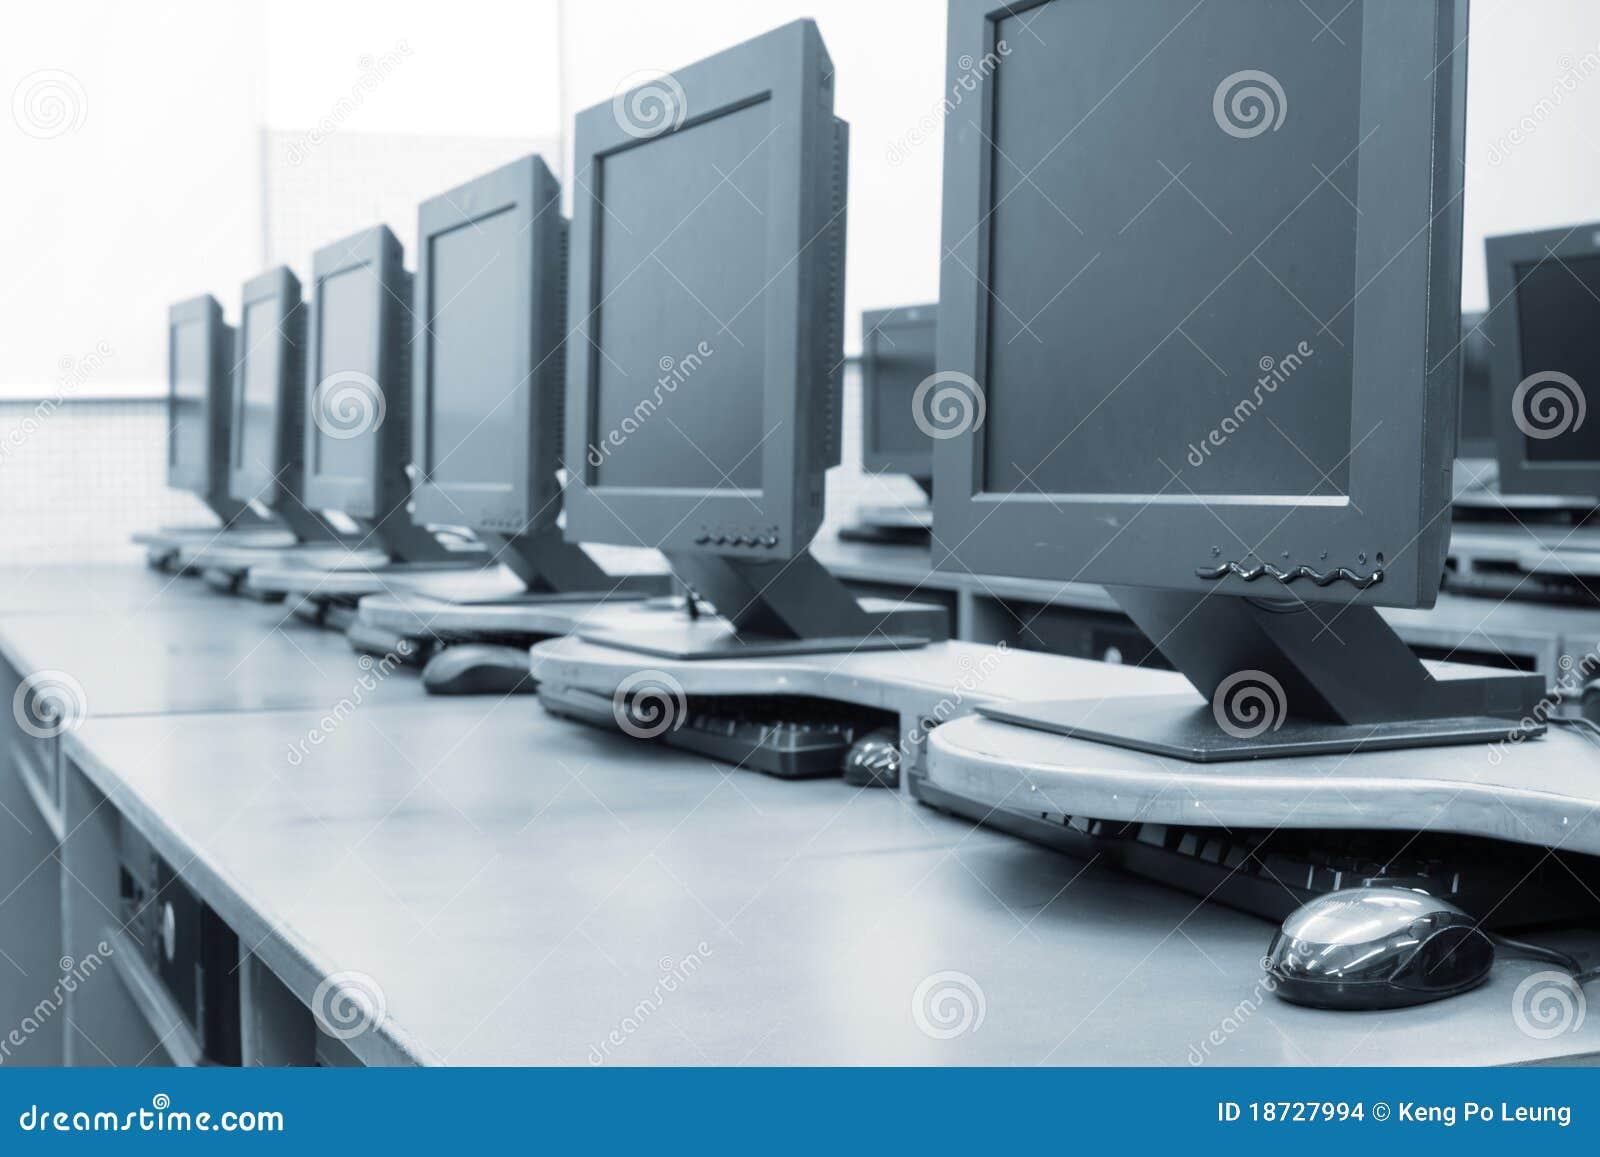 Ordenadores modernos imagenes de archivo imagen 18727994 - Fotos de ordenadores ...